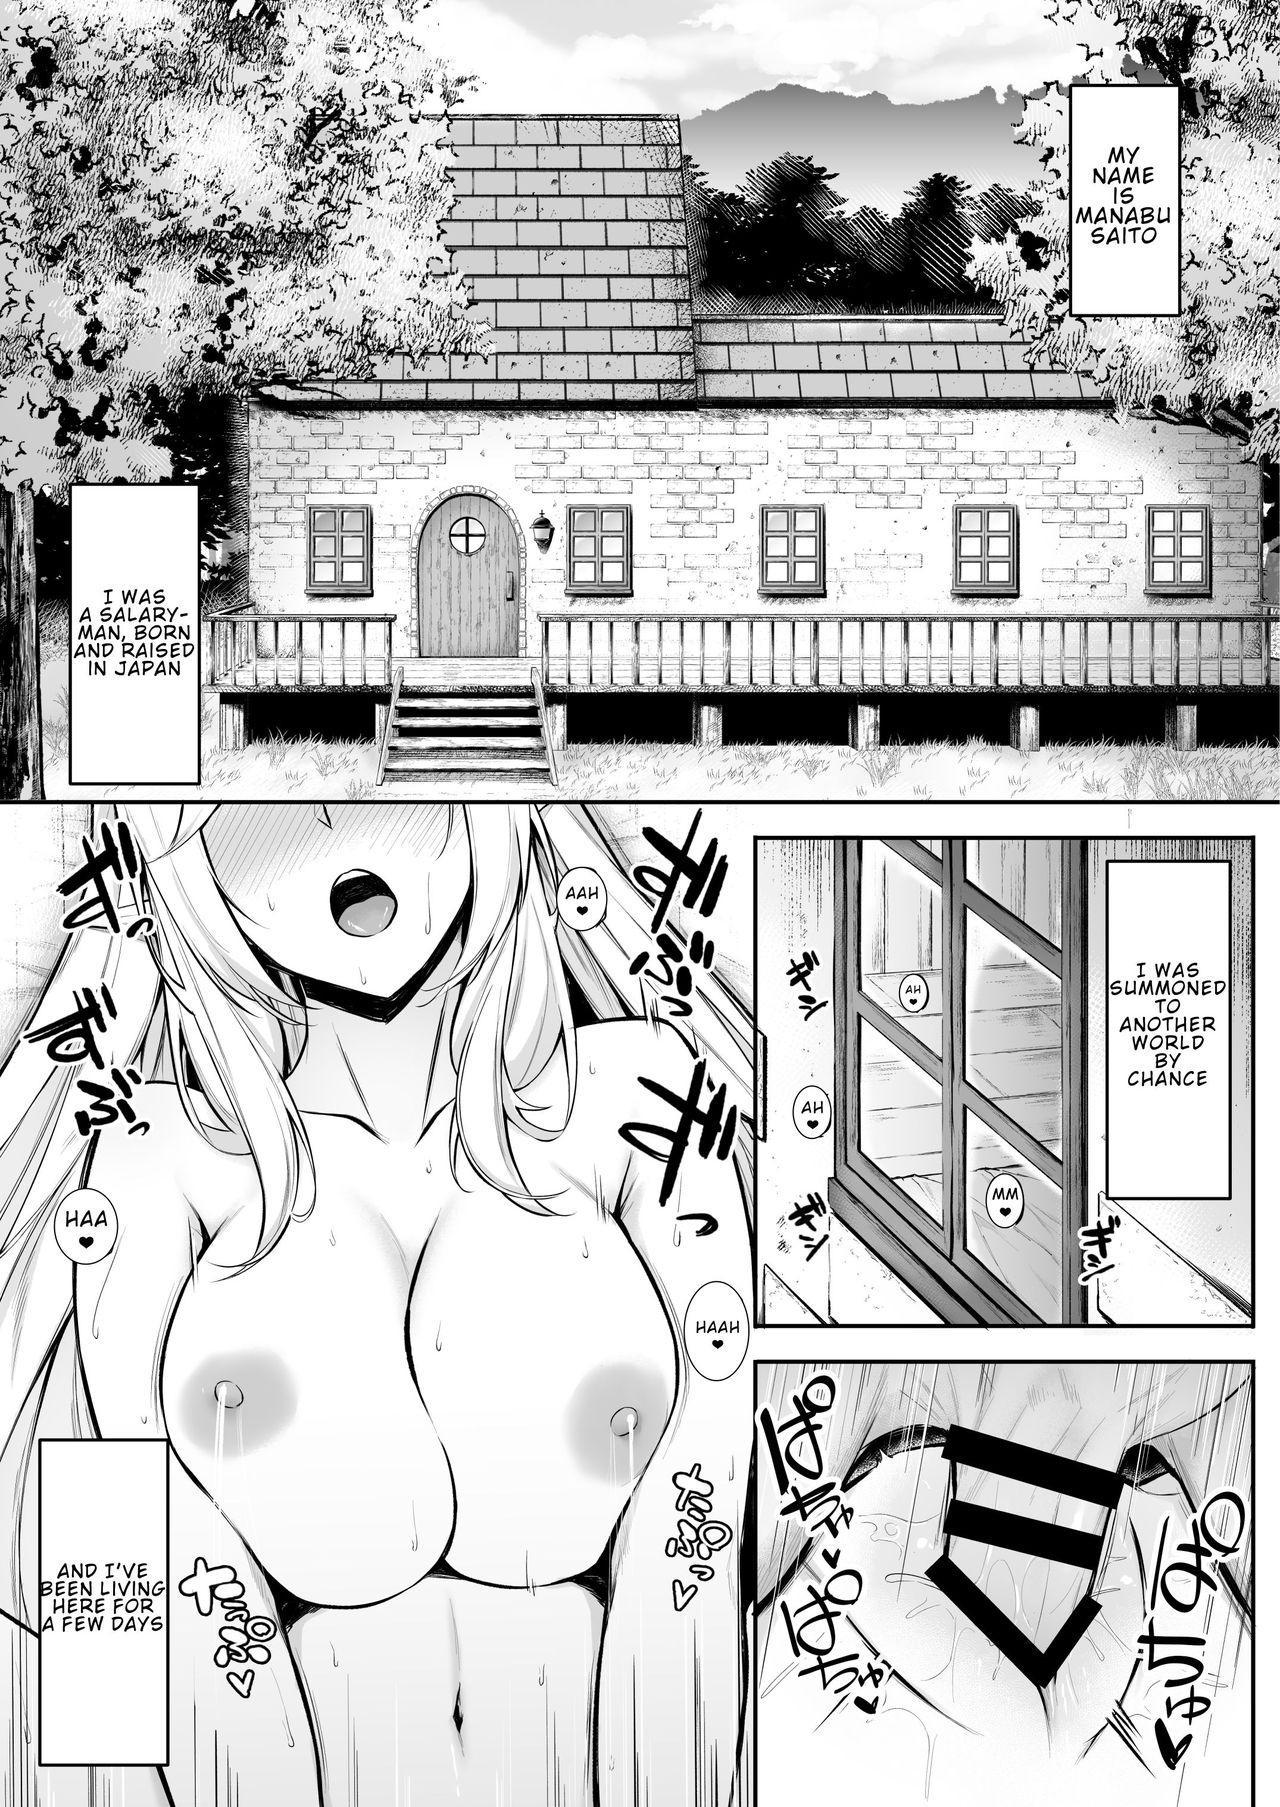 [Dekoboko Hurricane (Anza Yuu)] Isekai Shoukan II - Elf na Onee-san no Tomodachi wa Suki desu ka? [English] [Digital] [bigbro000] 2